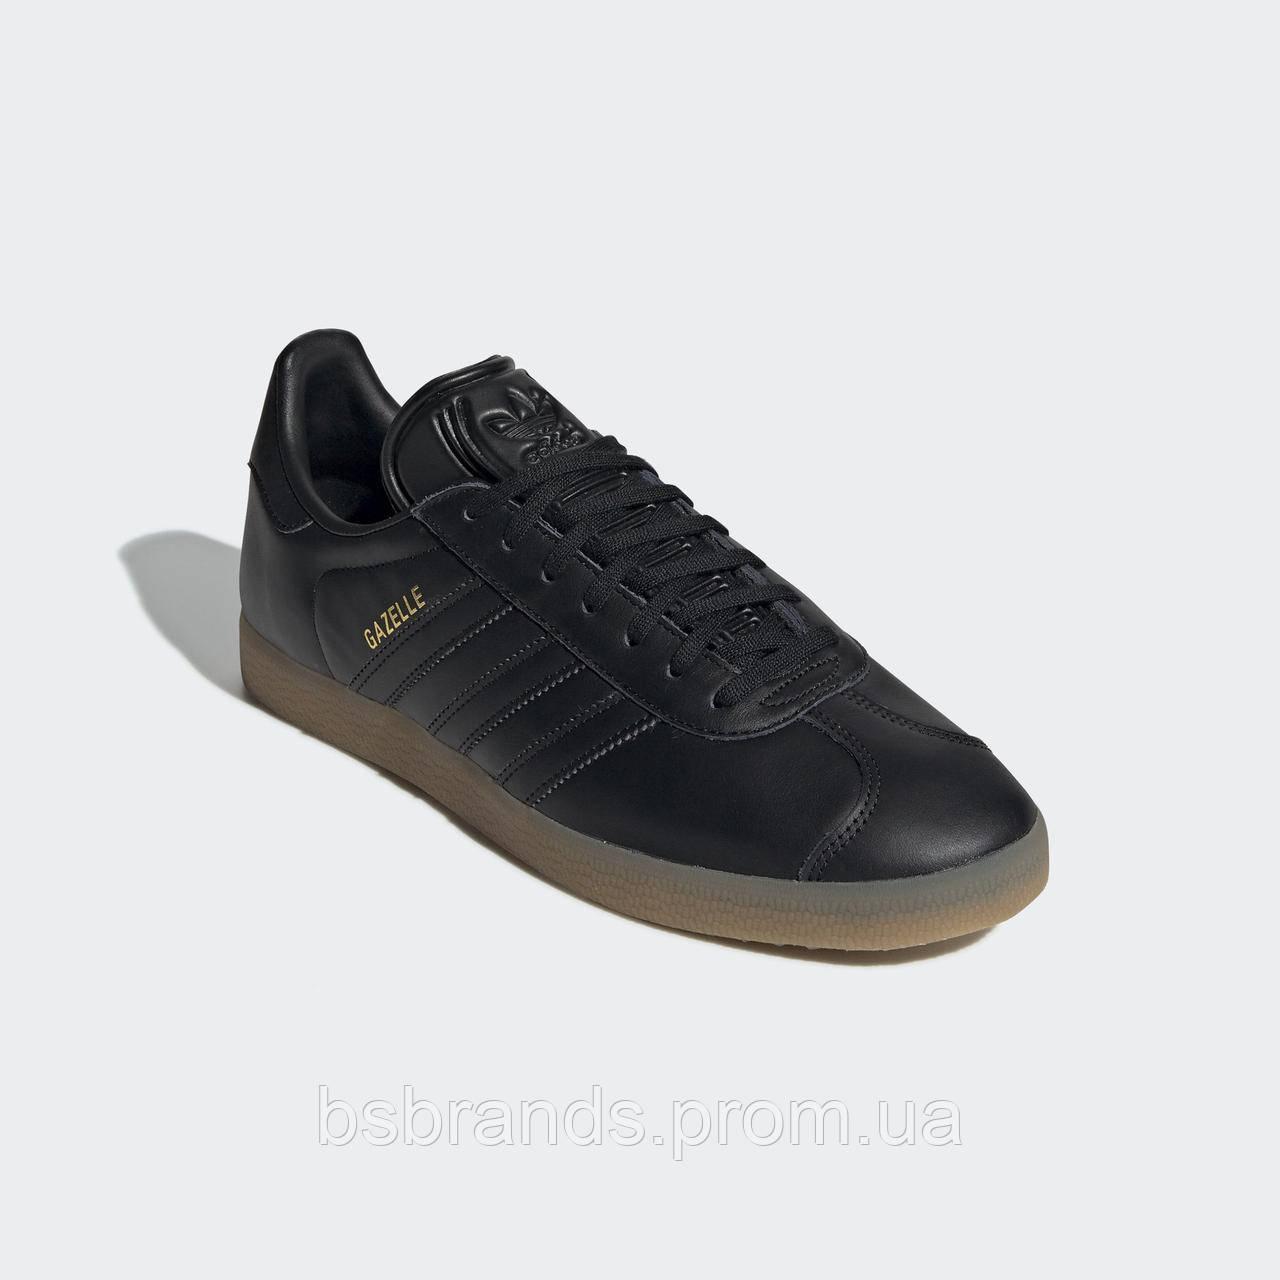 Чоловічі кросівки adidas Gazelle BD7480